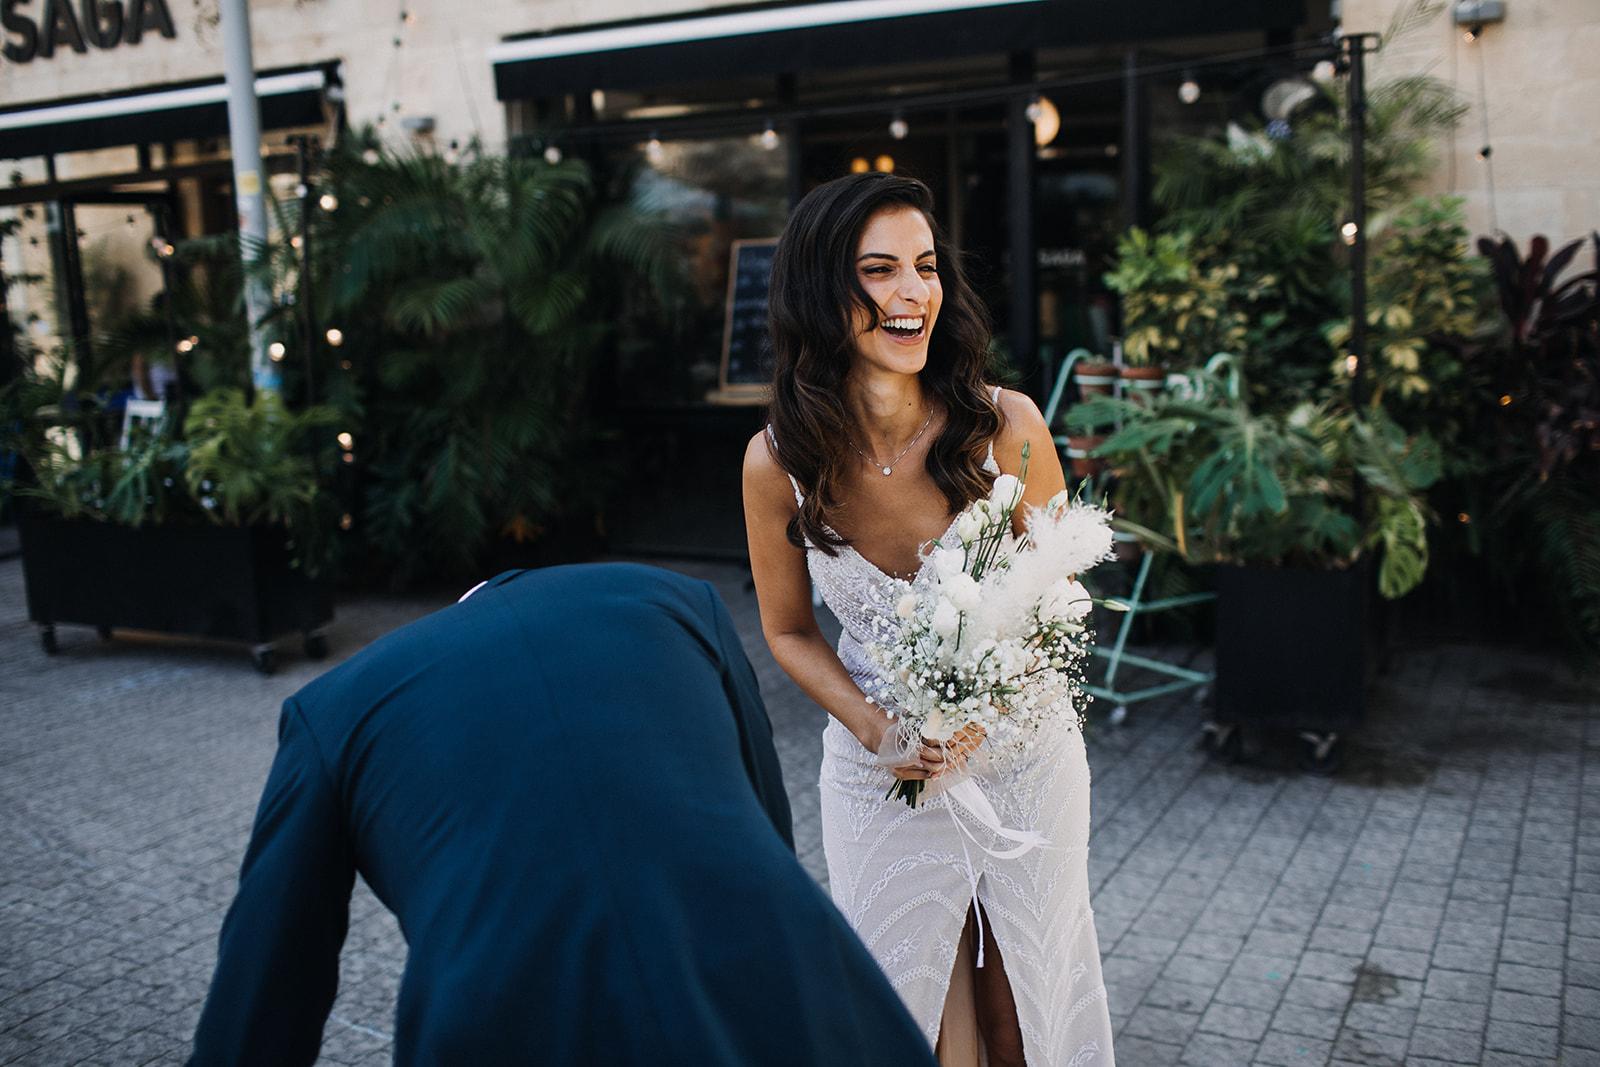 שיק בשוק הפשפשים: חתונה קטנה ביפו עם 30 אורחים